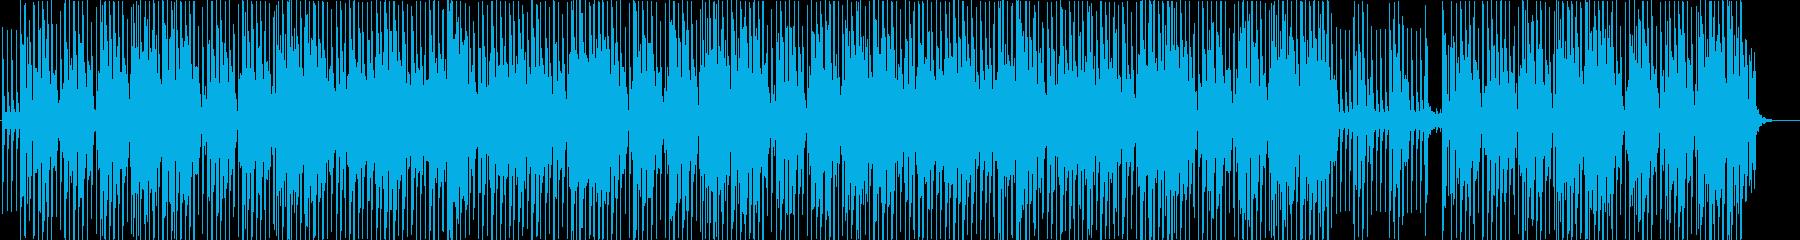 キラキラした夏のVaporwaveの再生済みの波形